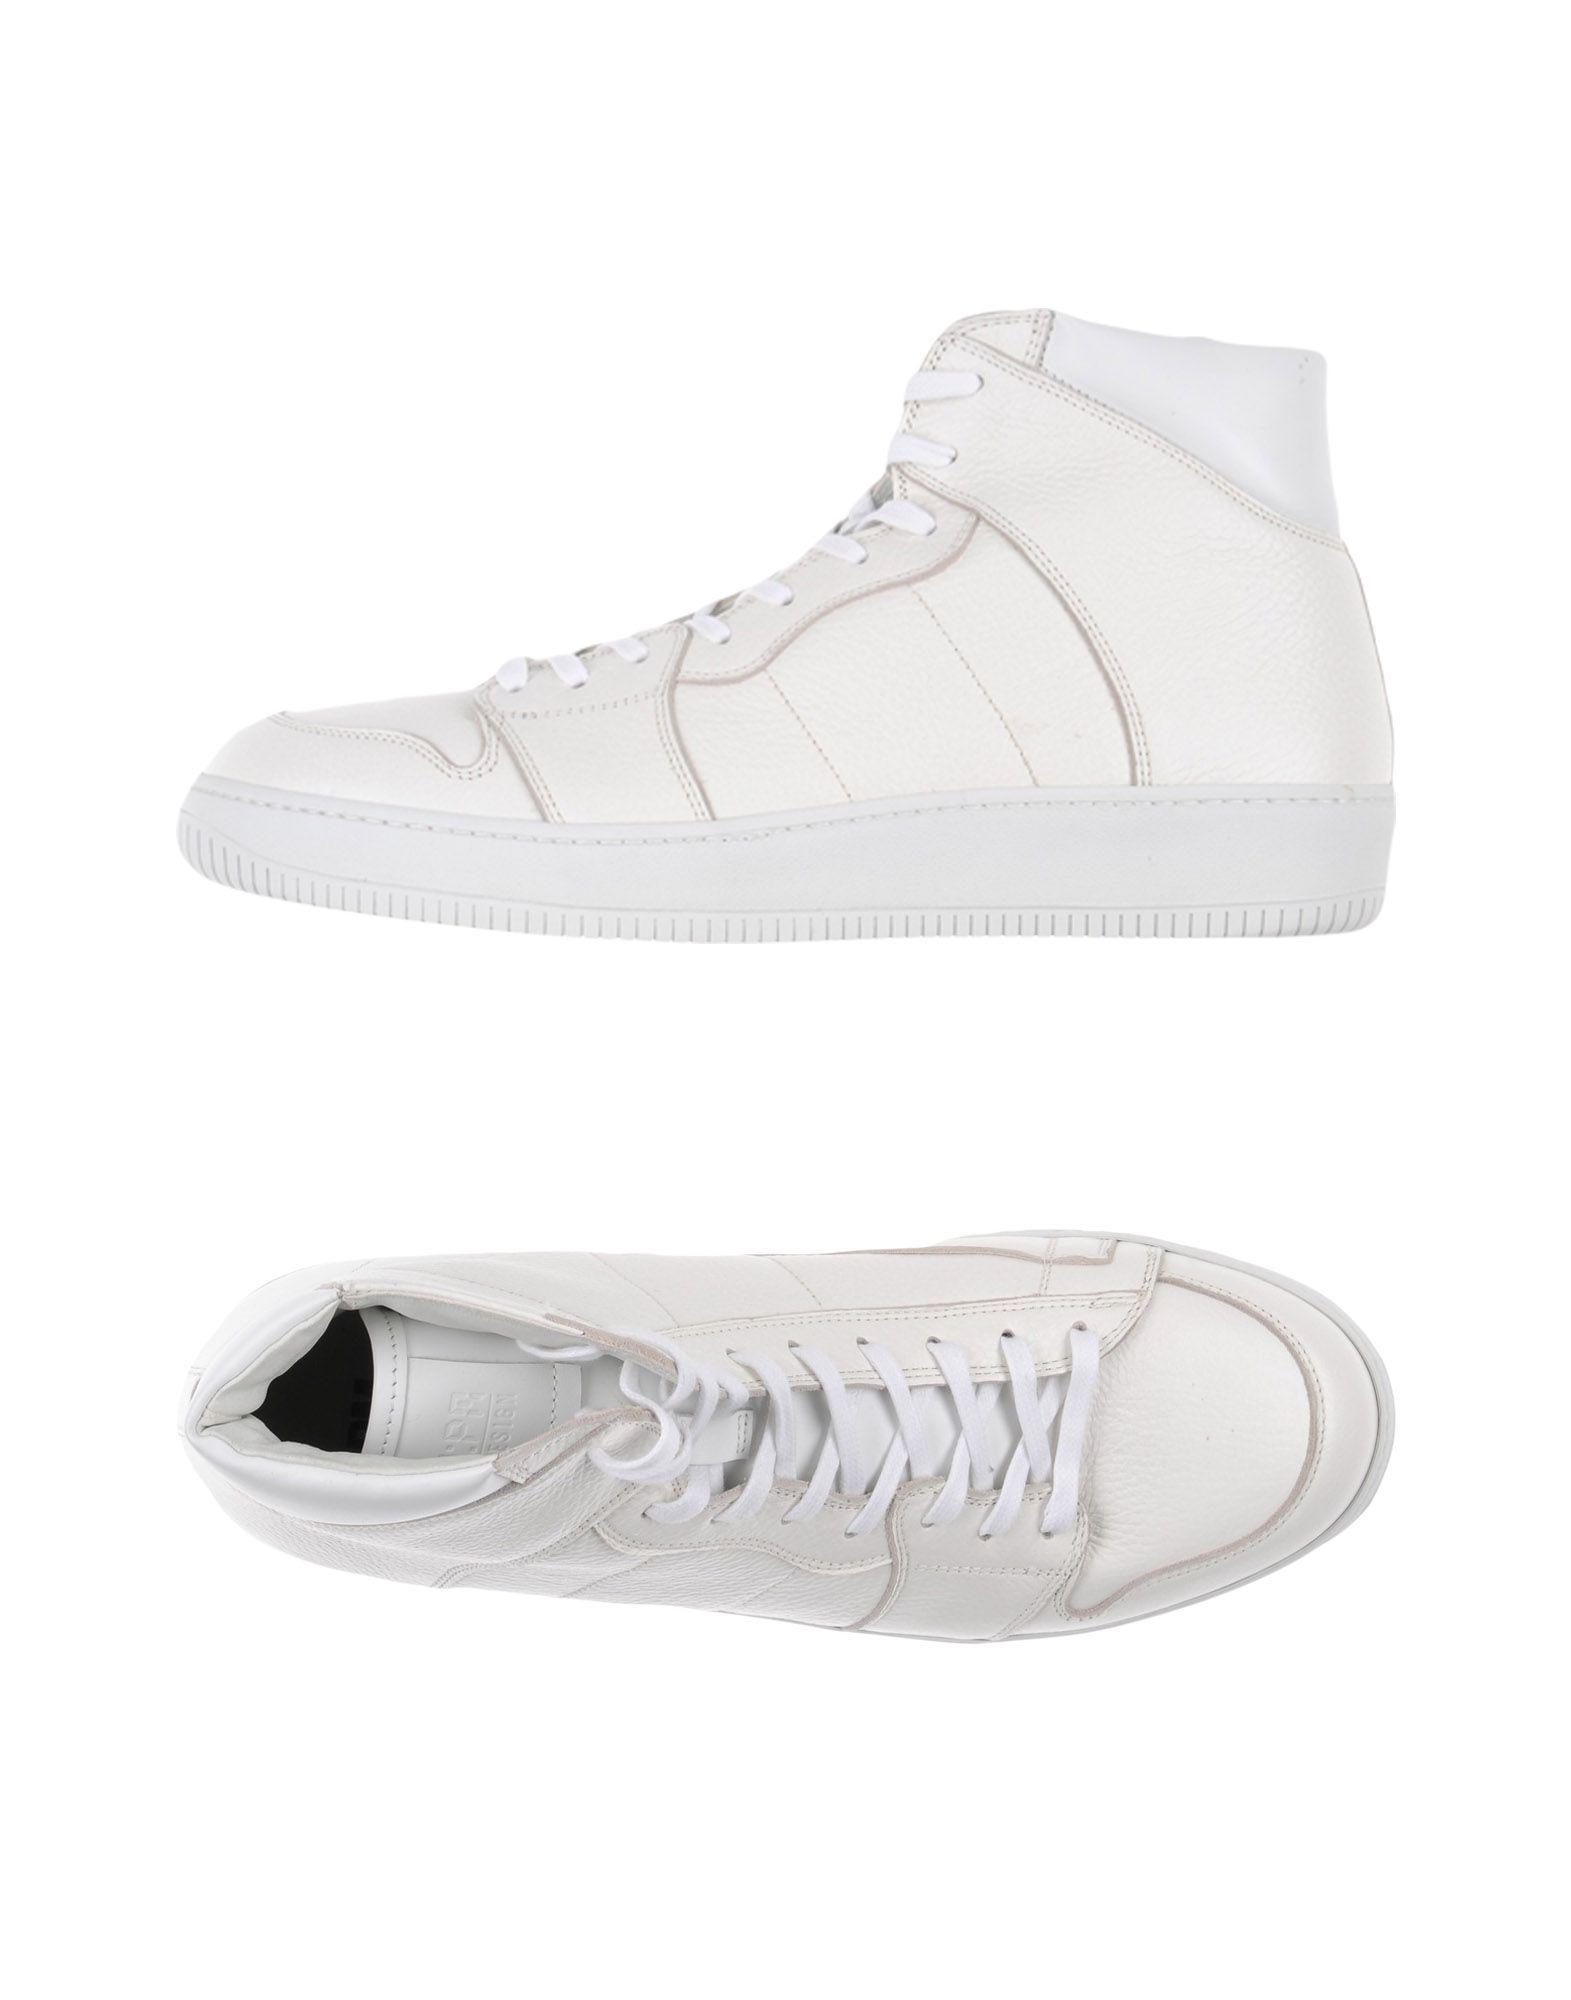 Am/Pm By Bottega Backdoor Sneakers - Men Am/Pm By Bottega  Backdoor Sneakers online on  Bottega Australia - 11265235WB ec0a14